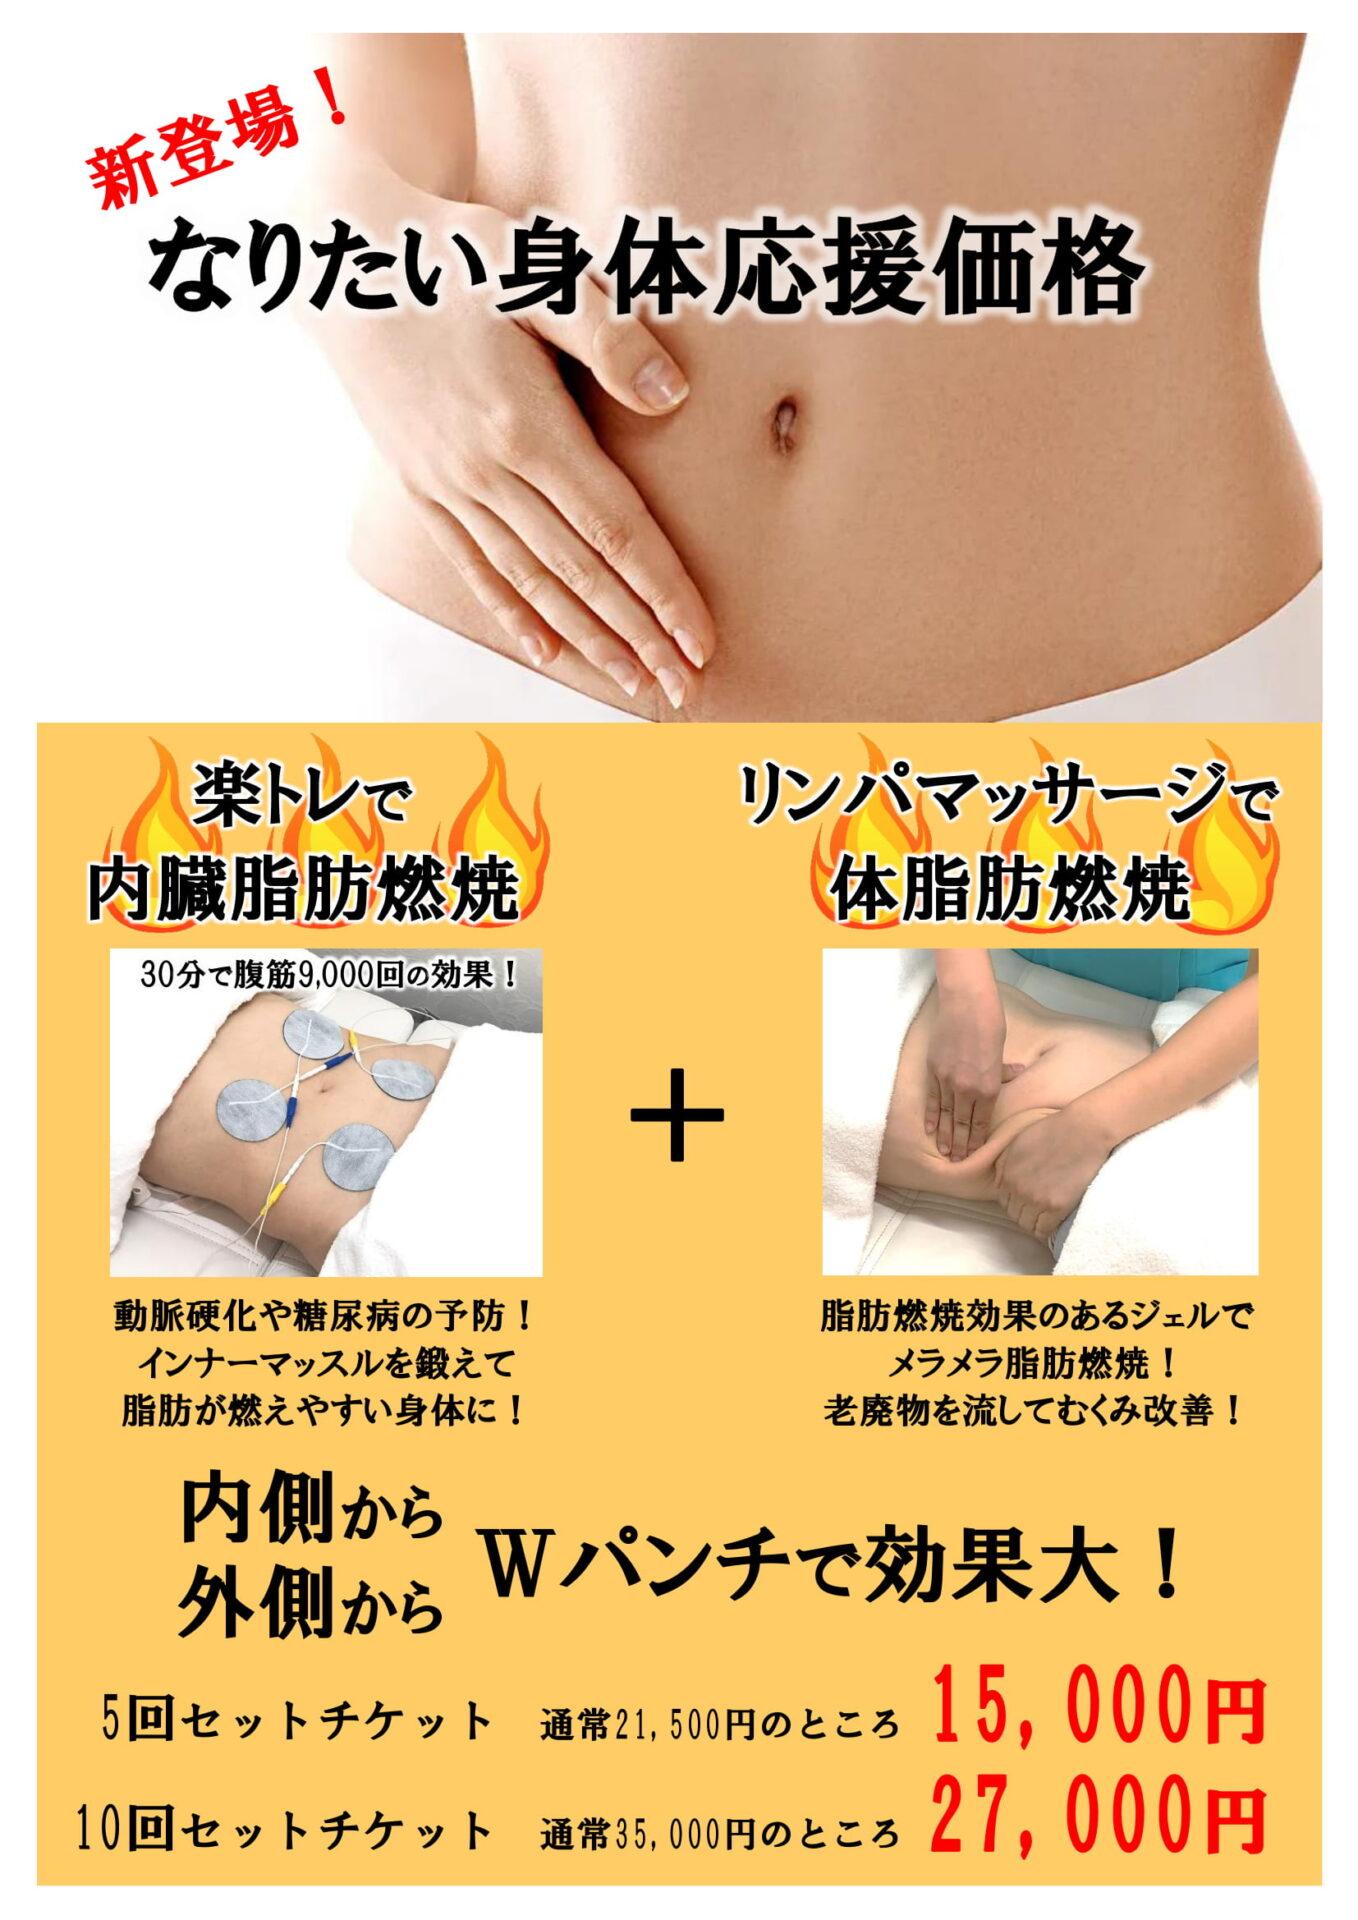 なりたい身体応援価格 新発田市のフィットネス ピュアオレンジ